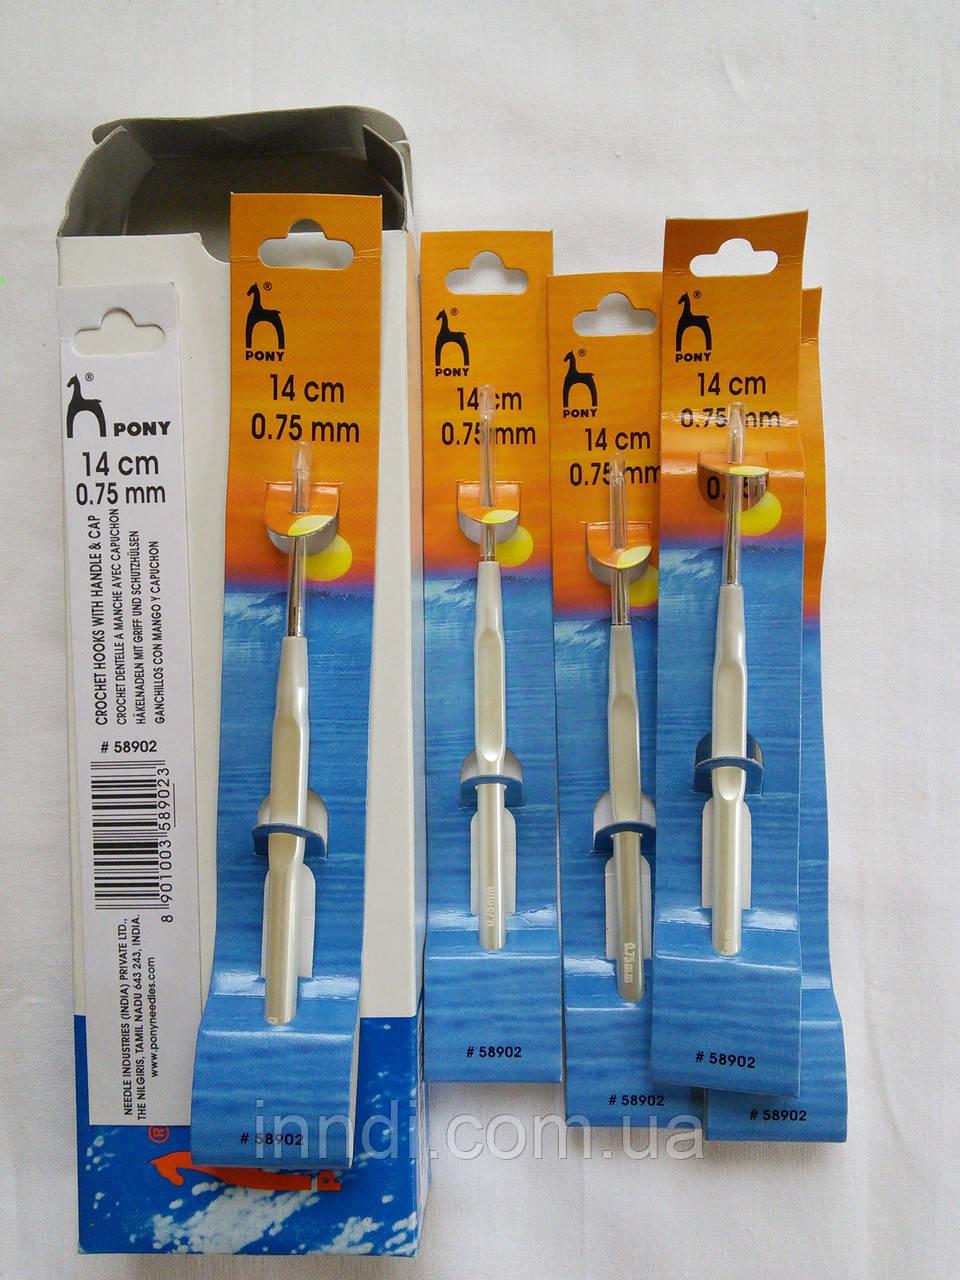 Крючки стальные для вязания  Pony 0,75 мм